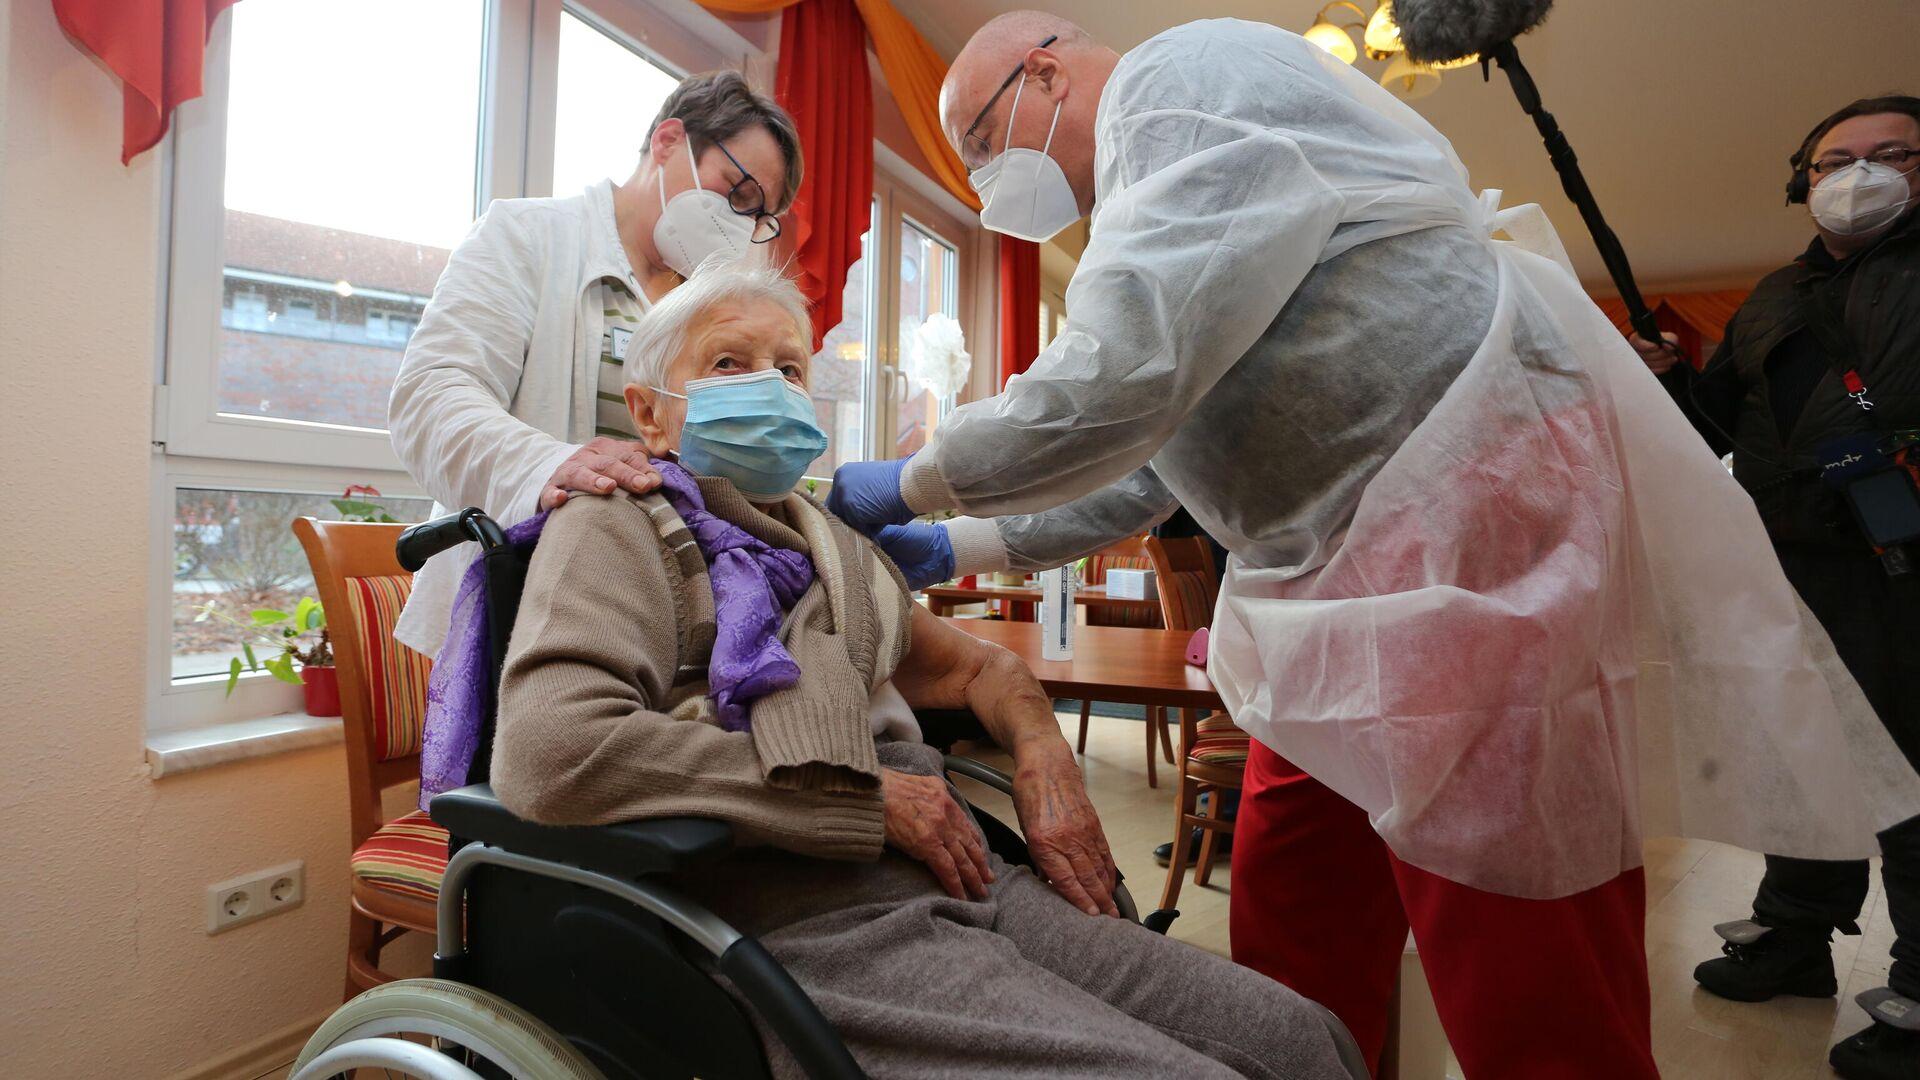 101 Jahre alte Edith Kwoizalla als Erste in Deutschland geimpft - SNA, 1920, 26.12.2020